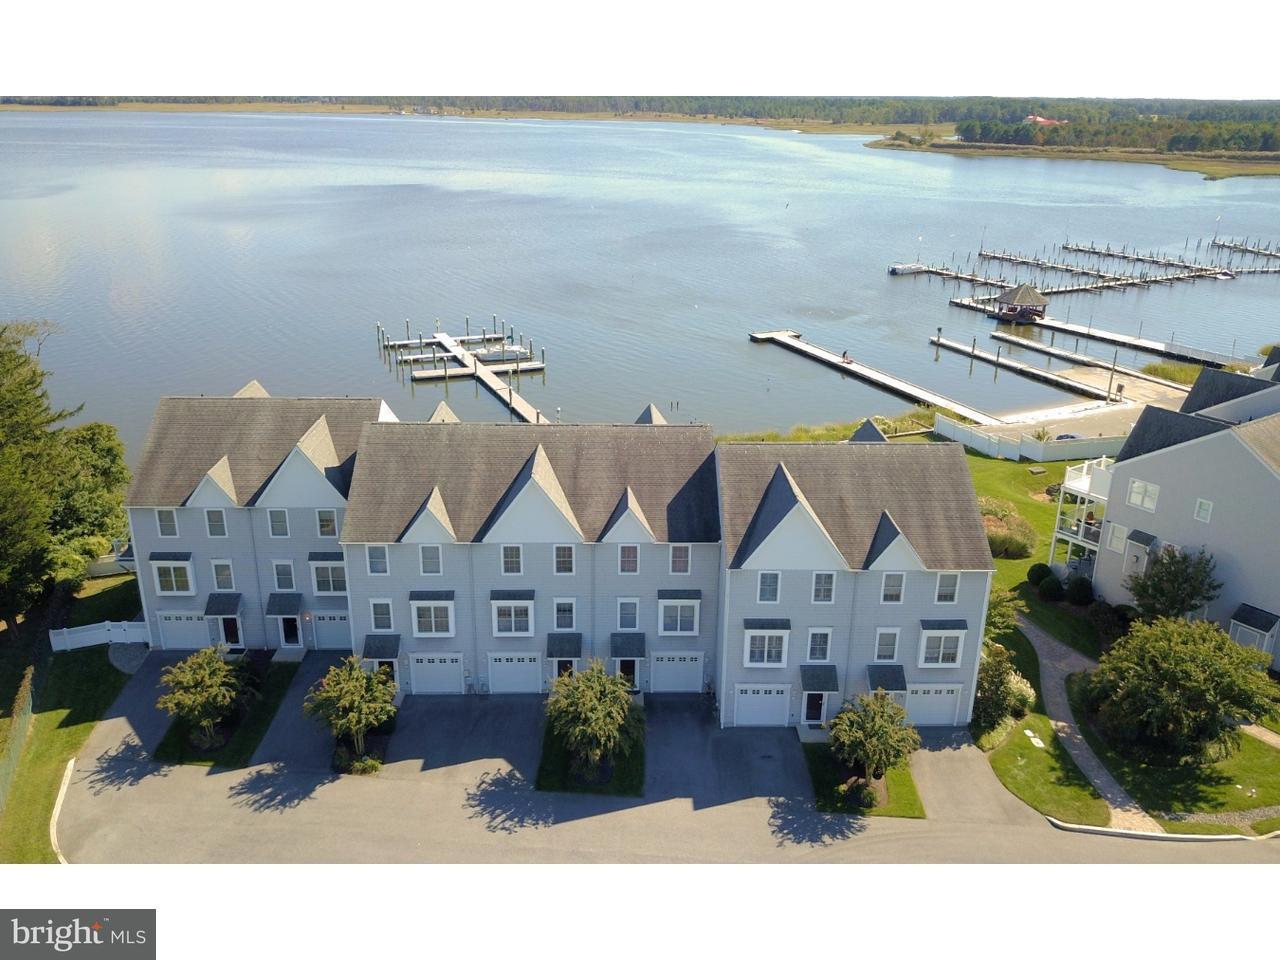 Condominium for Sale at 17610 PALEO WAY #6 Millsboro, Delaware 19966 United States